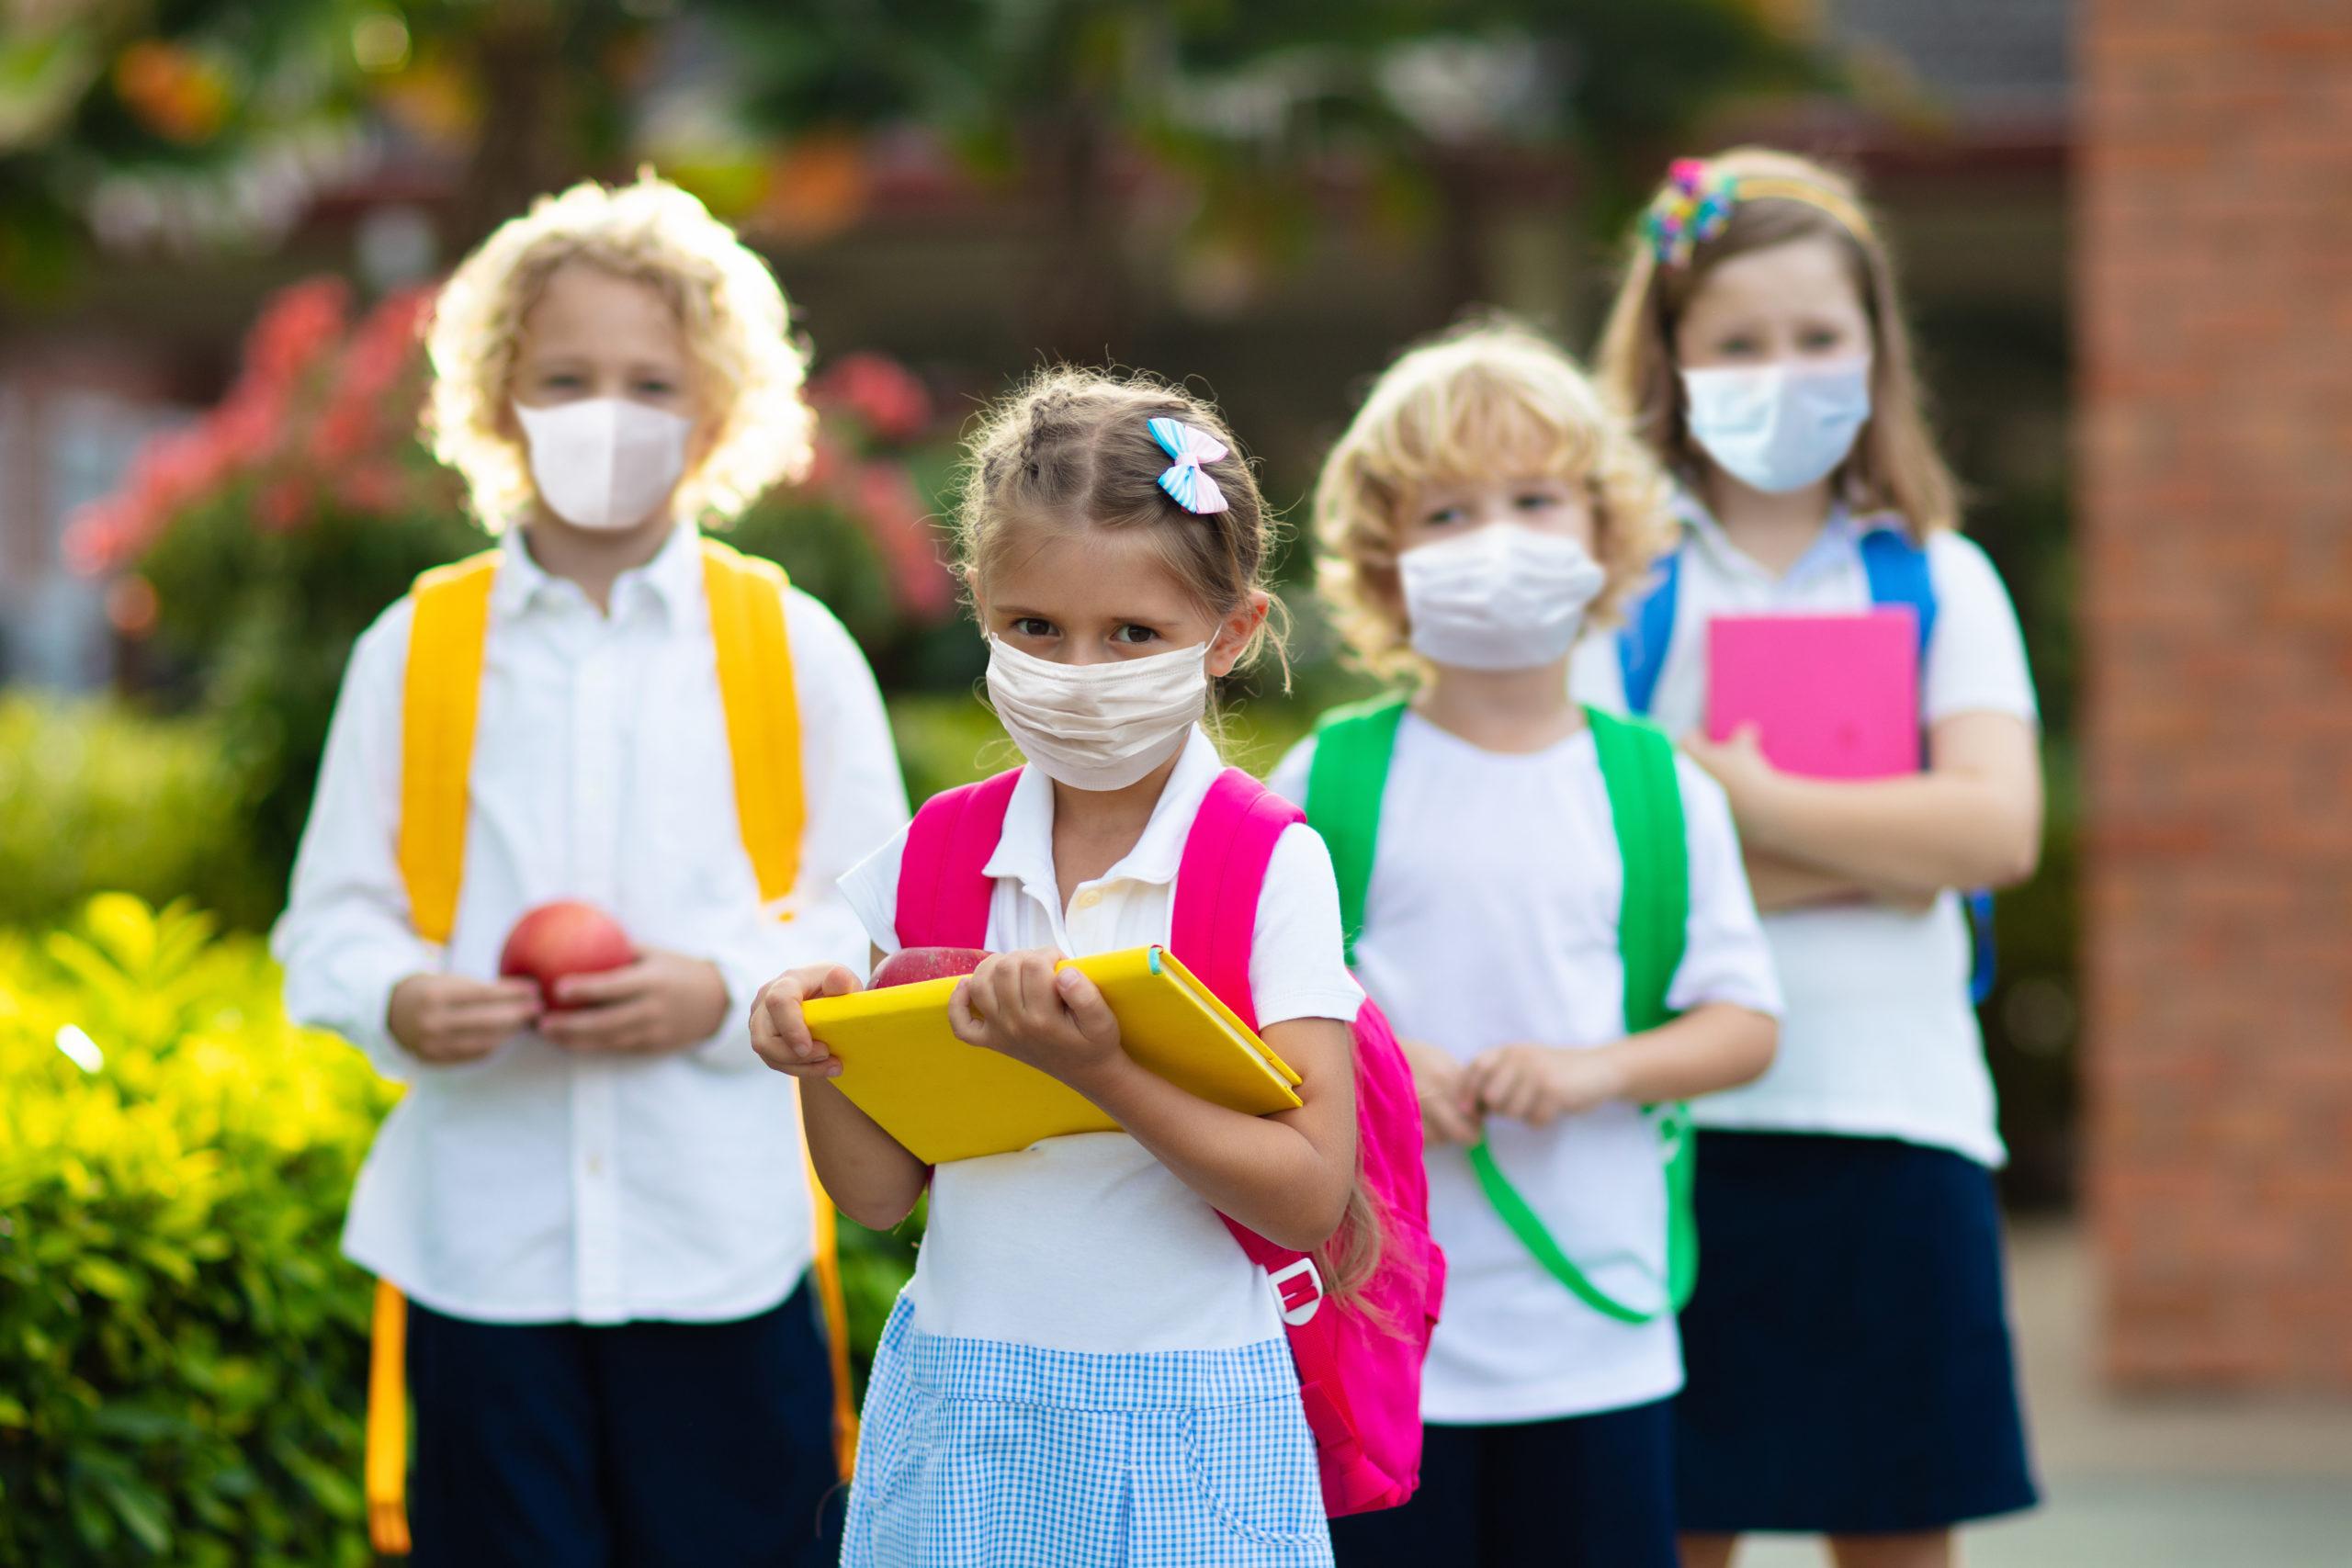 Këshilla të dobishme për të përgatitur fëmijën tuaj për në shkollë